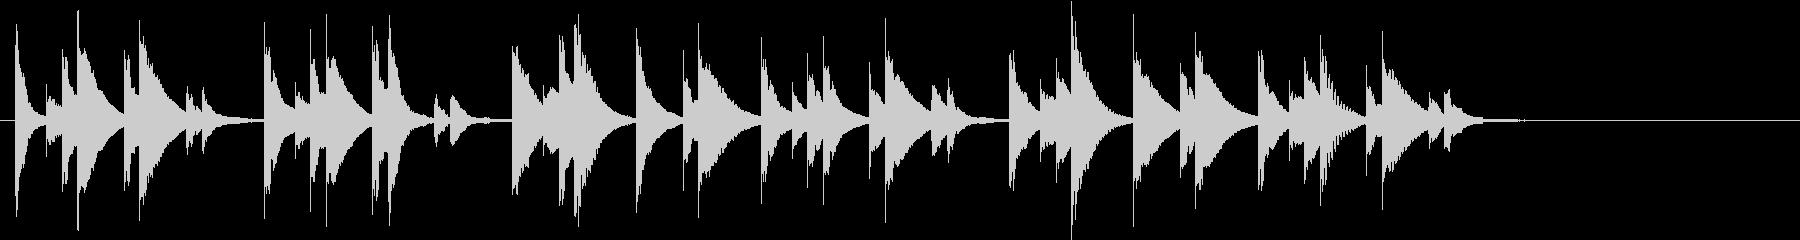 木琴がメインでほのぼのとした短めの曲の未再生の波形